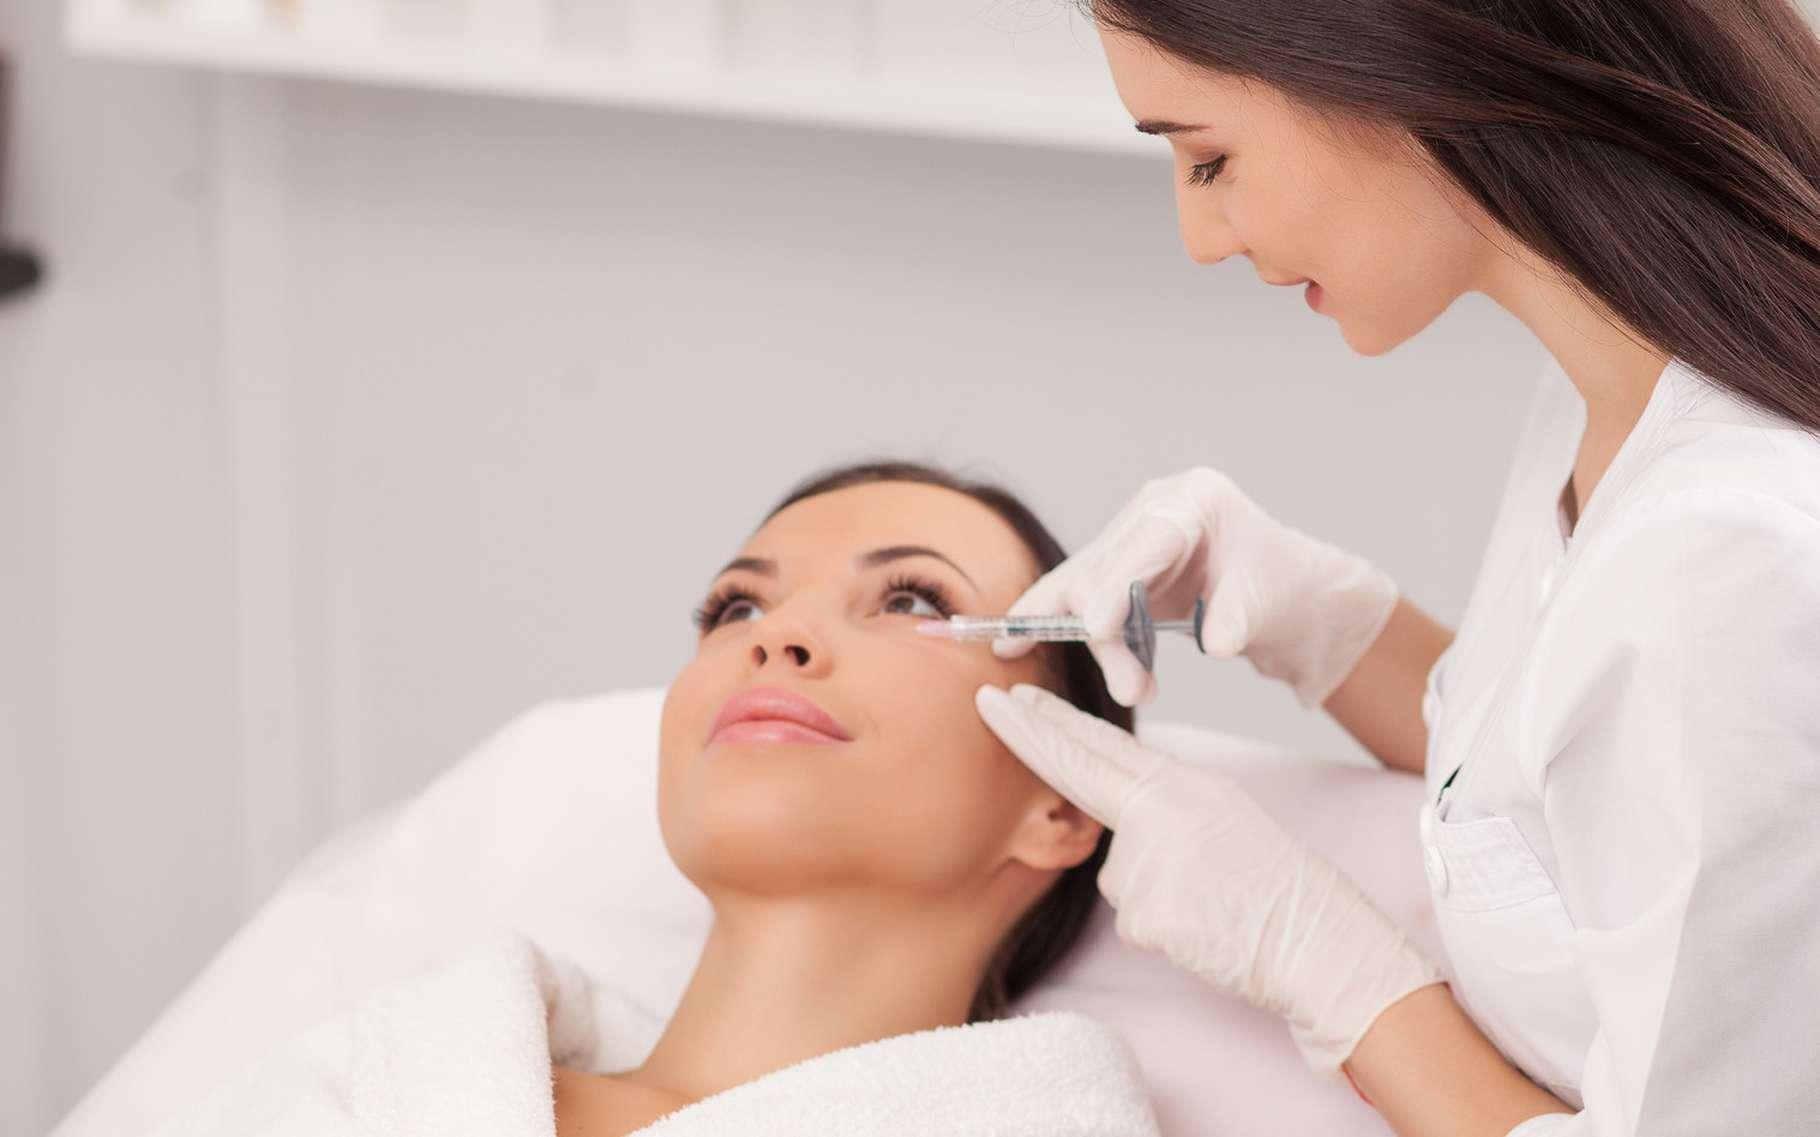 L'acide hyaluronique est notamment employé en cosmétique pour lutter contre les rides. © Olena Yakobchuk, Shutterstock